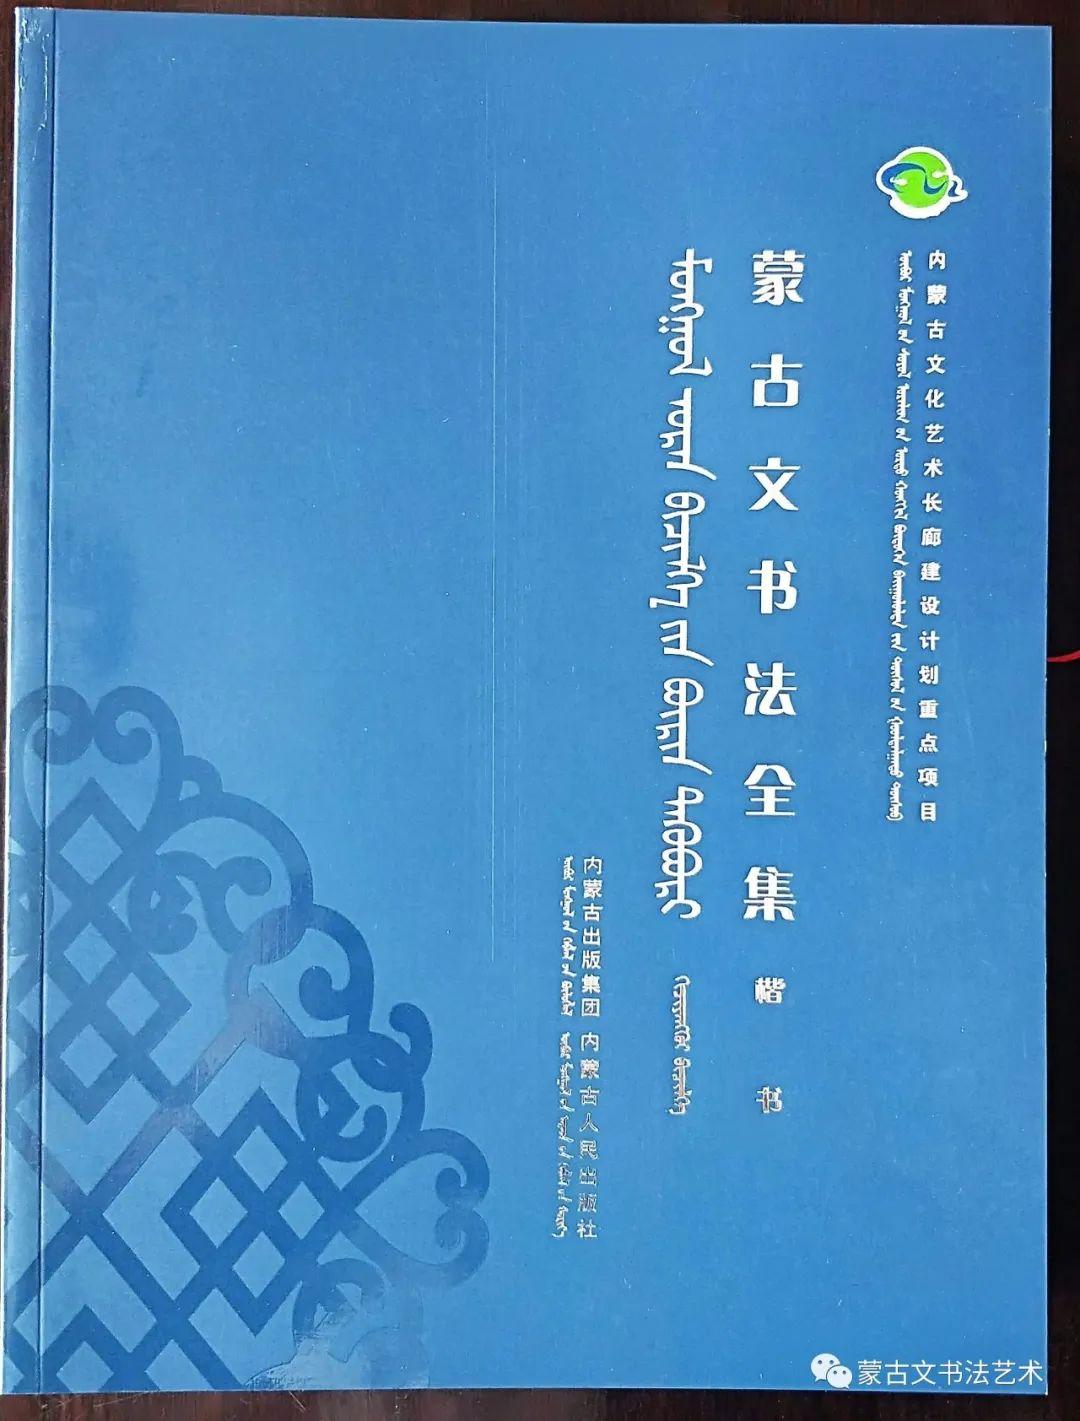 蒙古文书法全集 第6张 蒙古文书法全集 蒙古书法